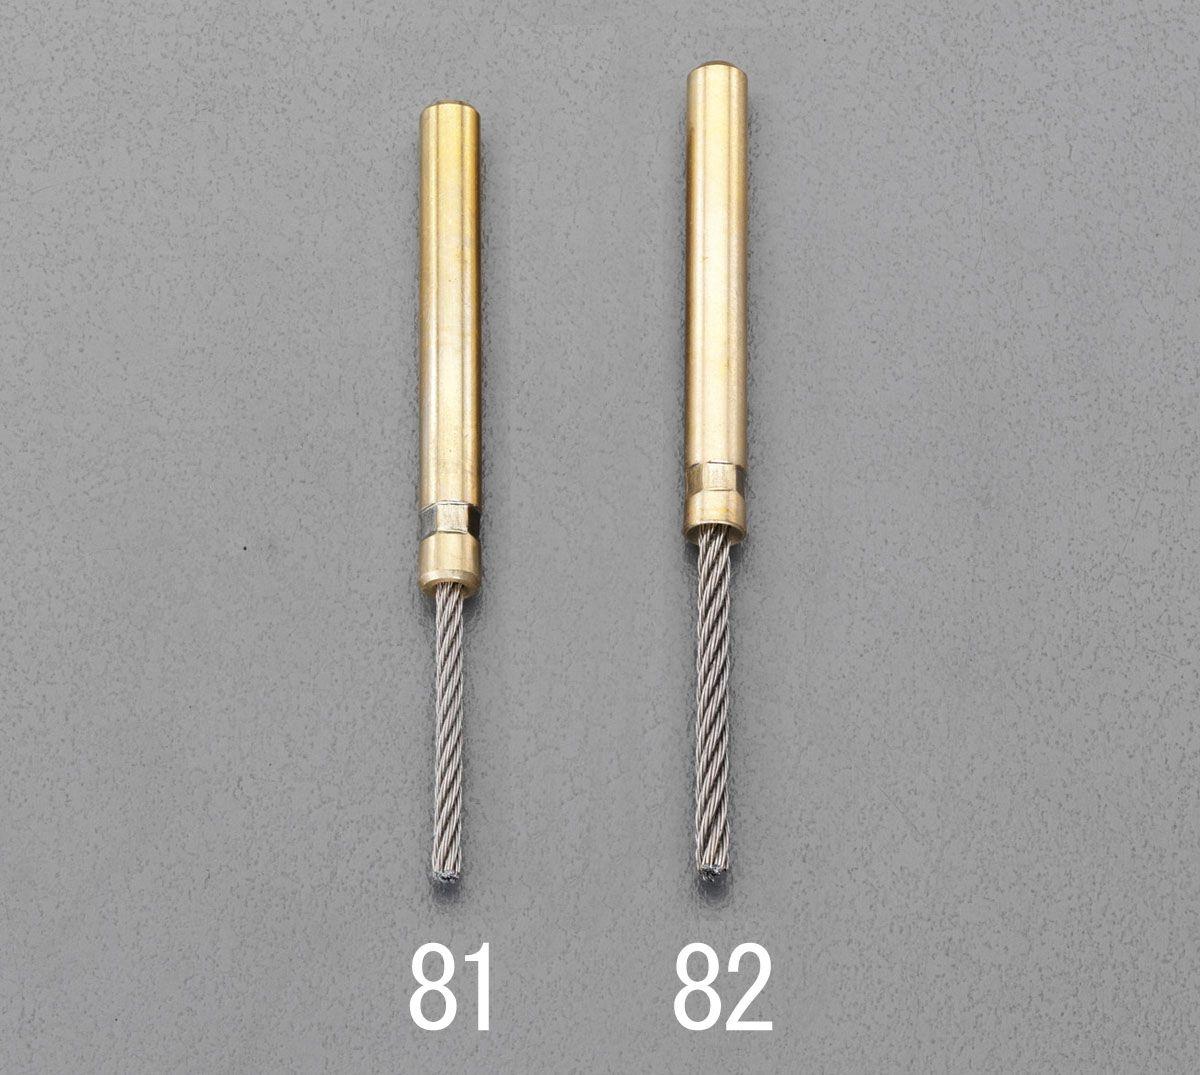 【メーカー在庫あり】 エスコ ESCO 3.0mm/6mm 軸付ステンレスロープブラシ 000012240982 JP店